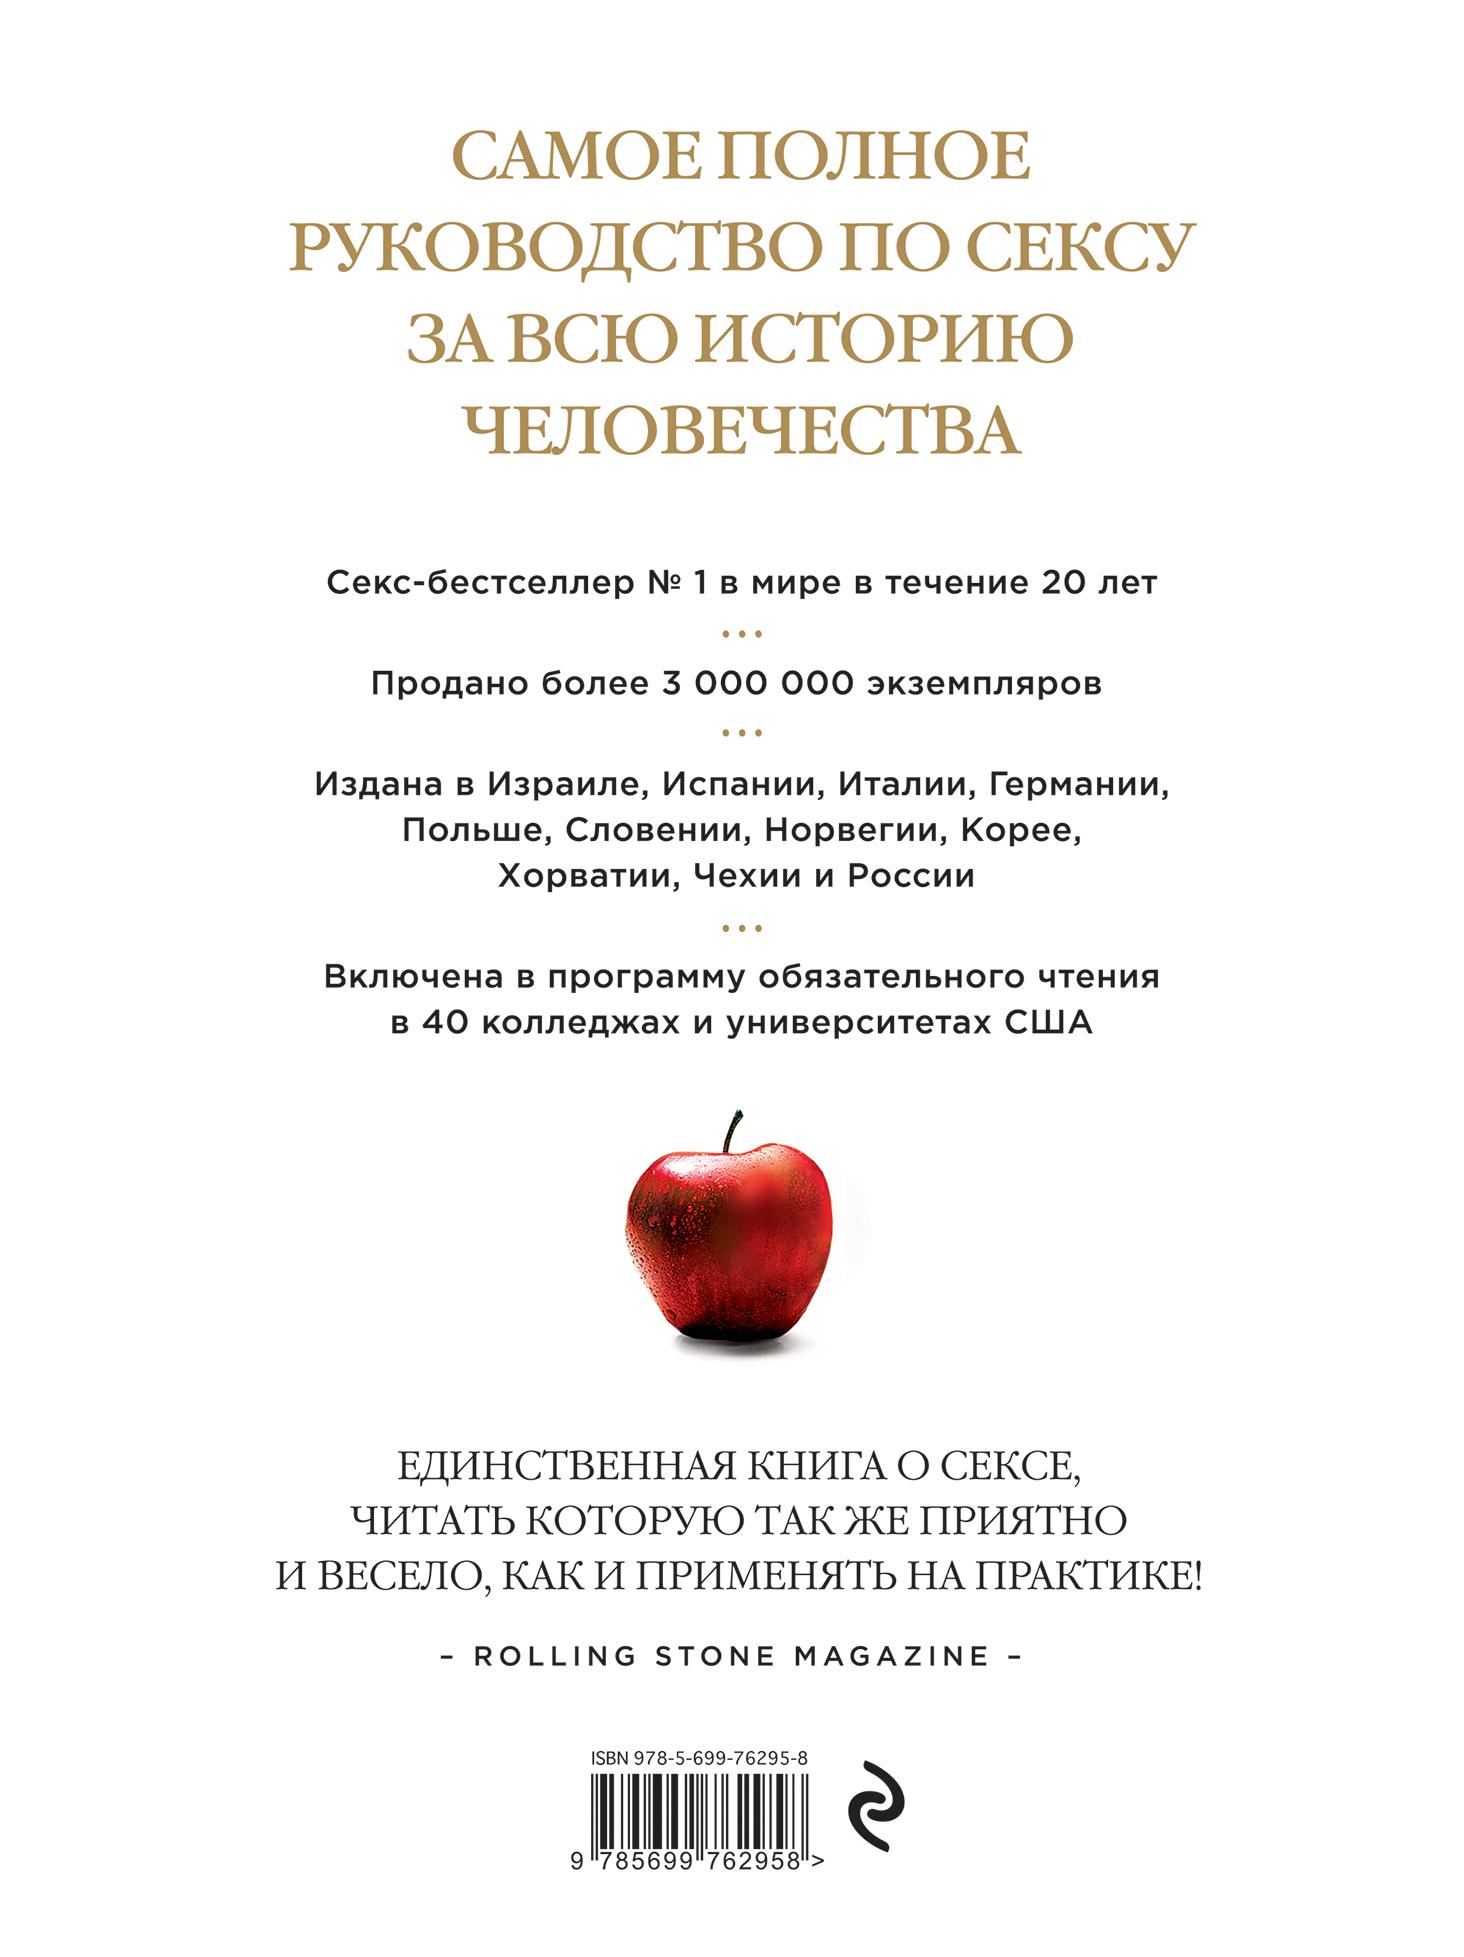 Библия секса. Обновленное издание (бел.) | Джоанидис Пол. Пол Джоанидис